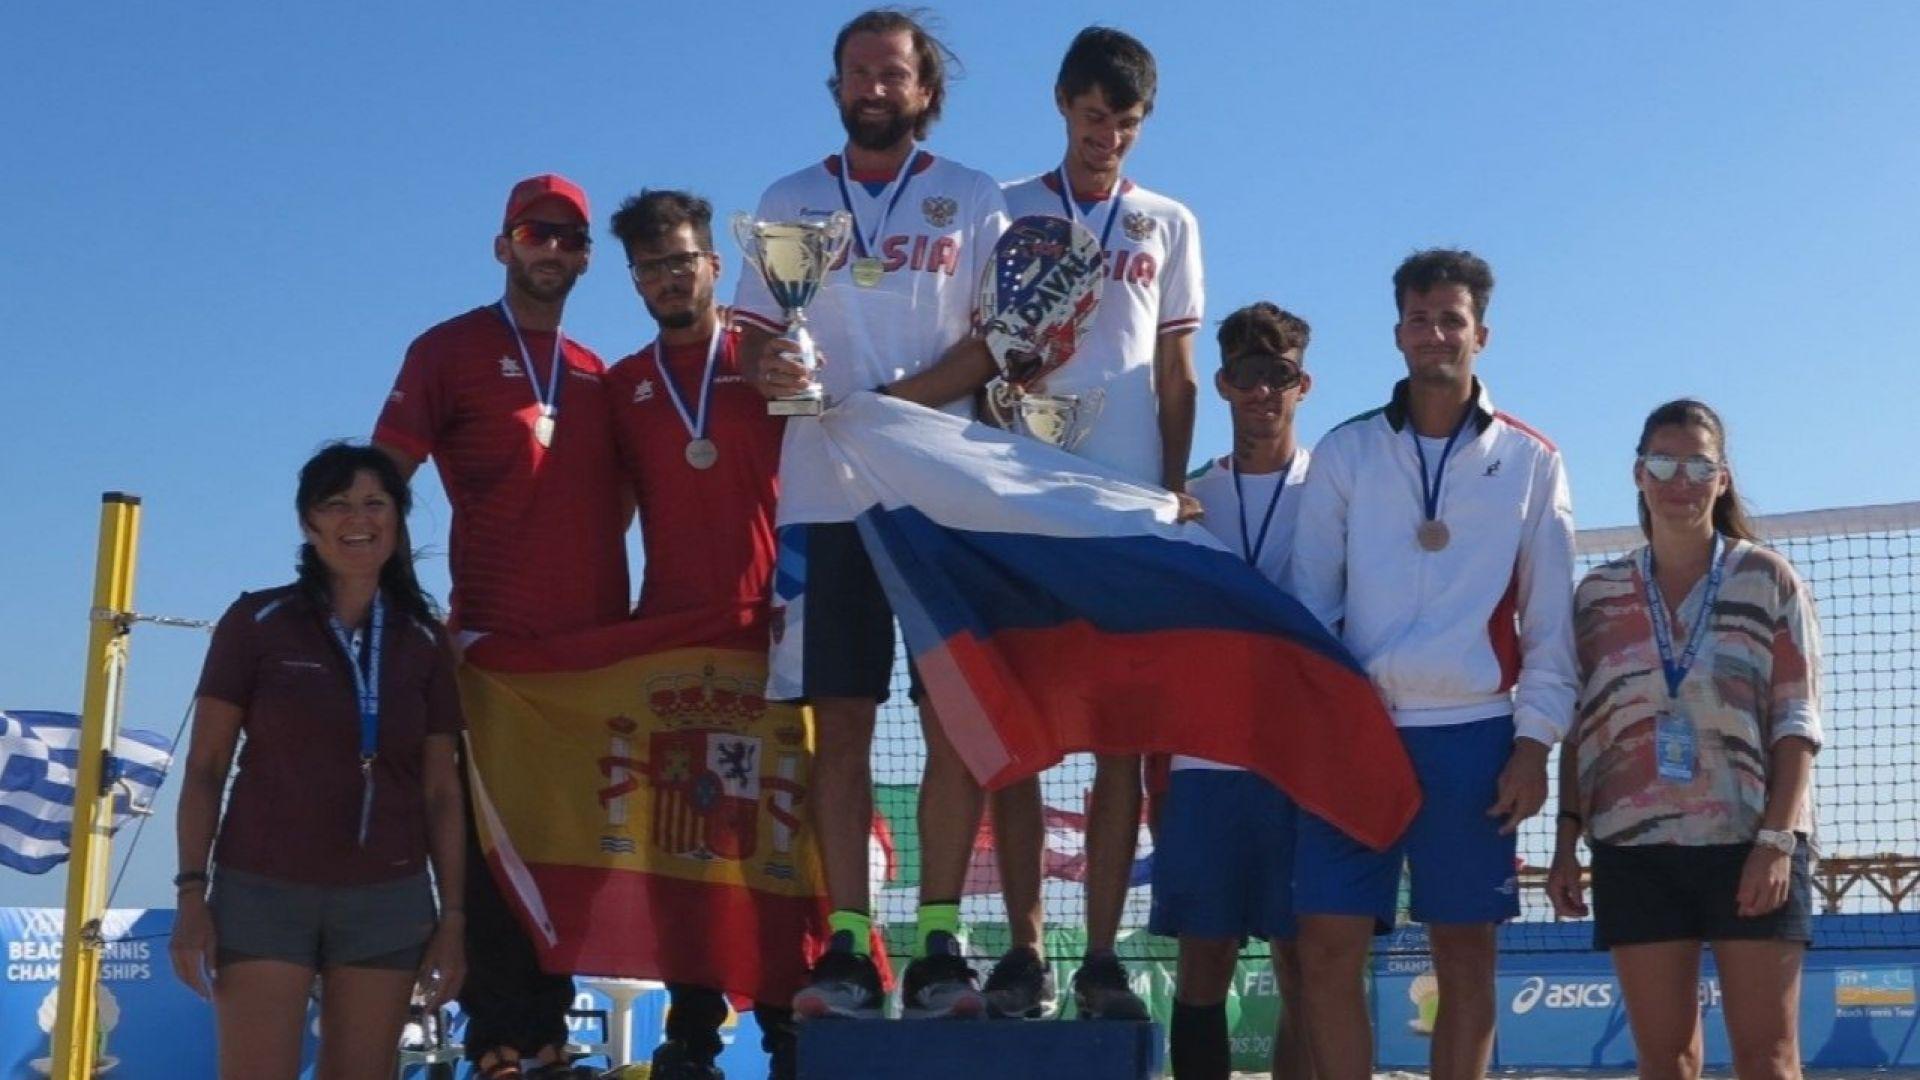 Тенис Европа поздрави Българската федерация за Европейското по плажен тенис